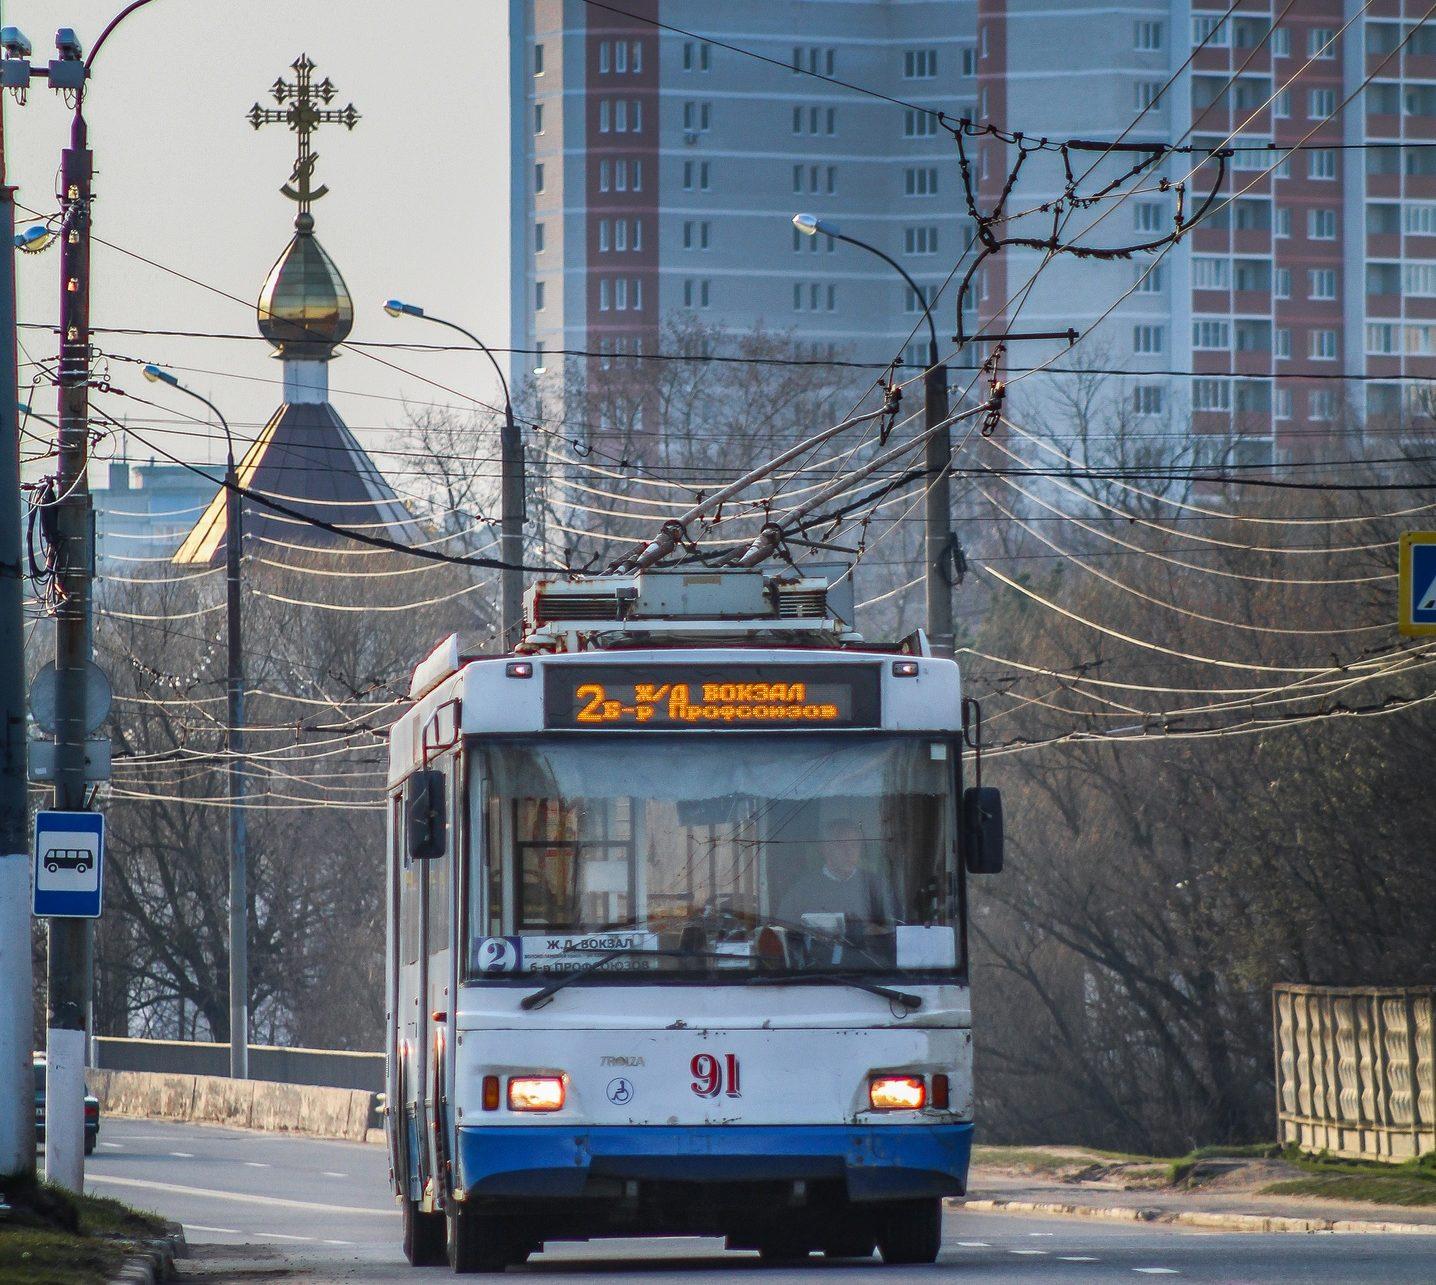 Последние троллейбусы покинули улицы Твери